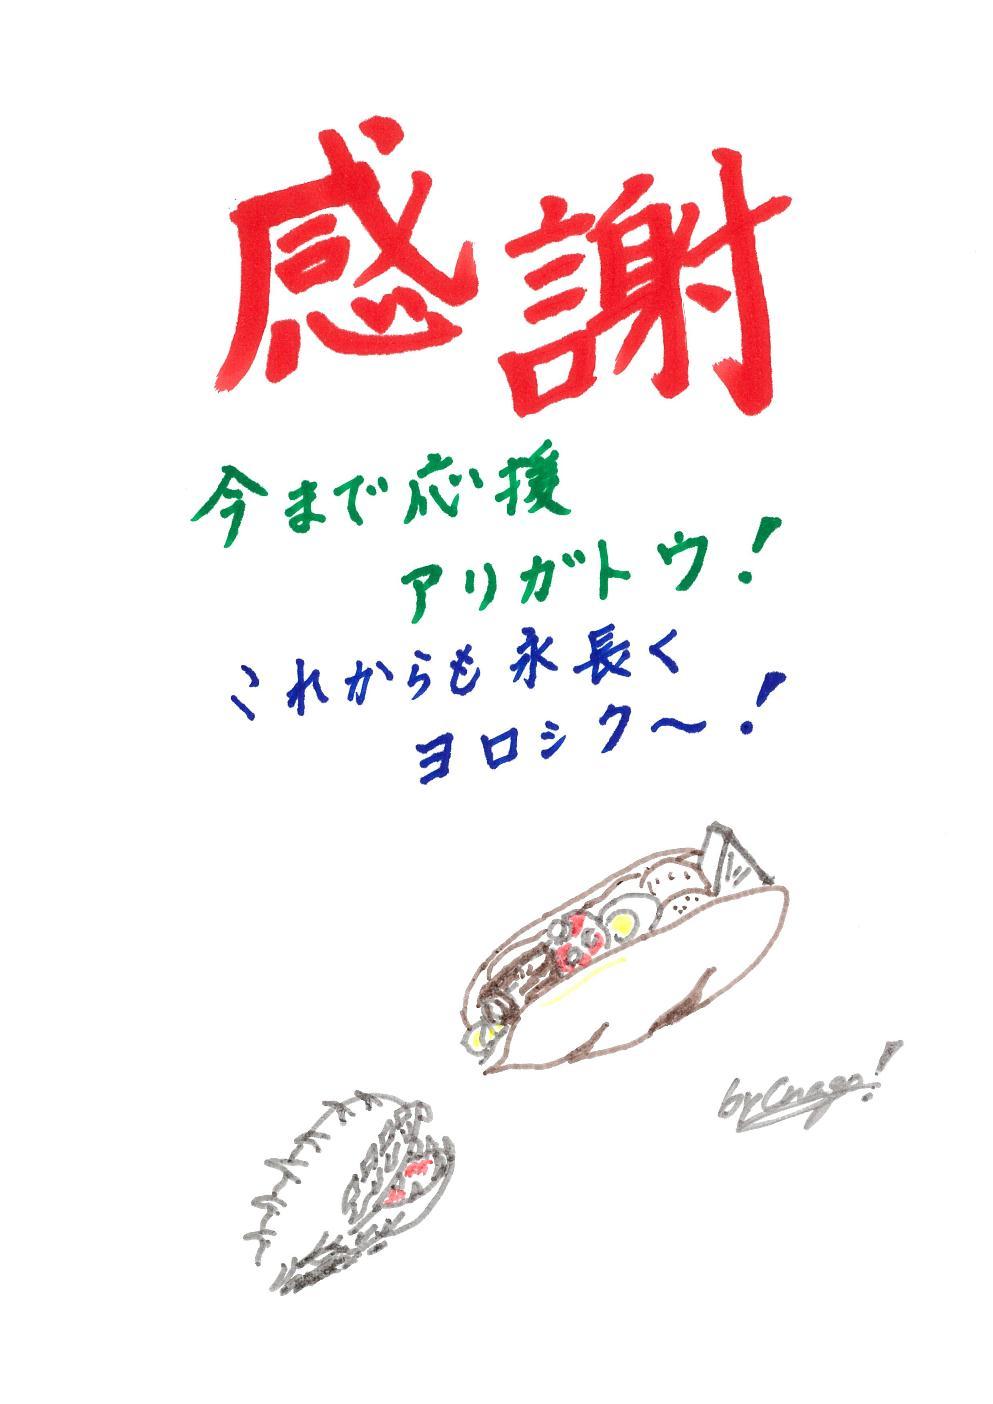 椎名さん手書き